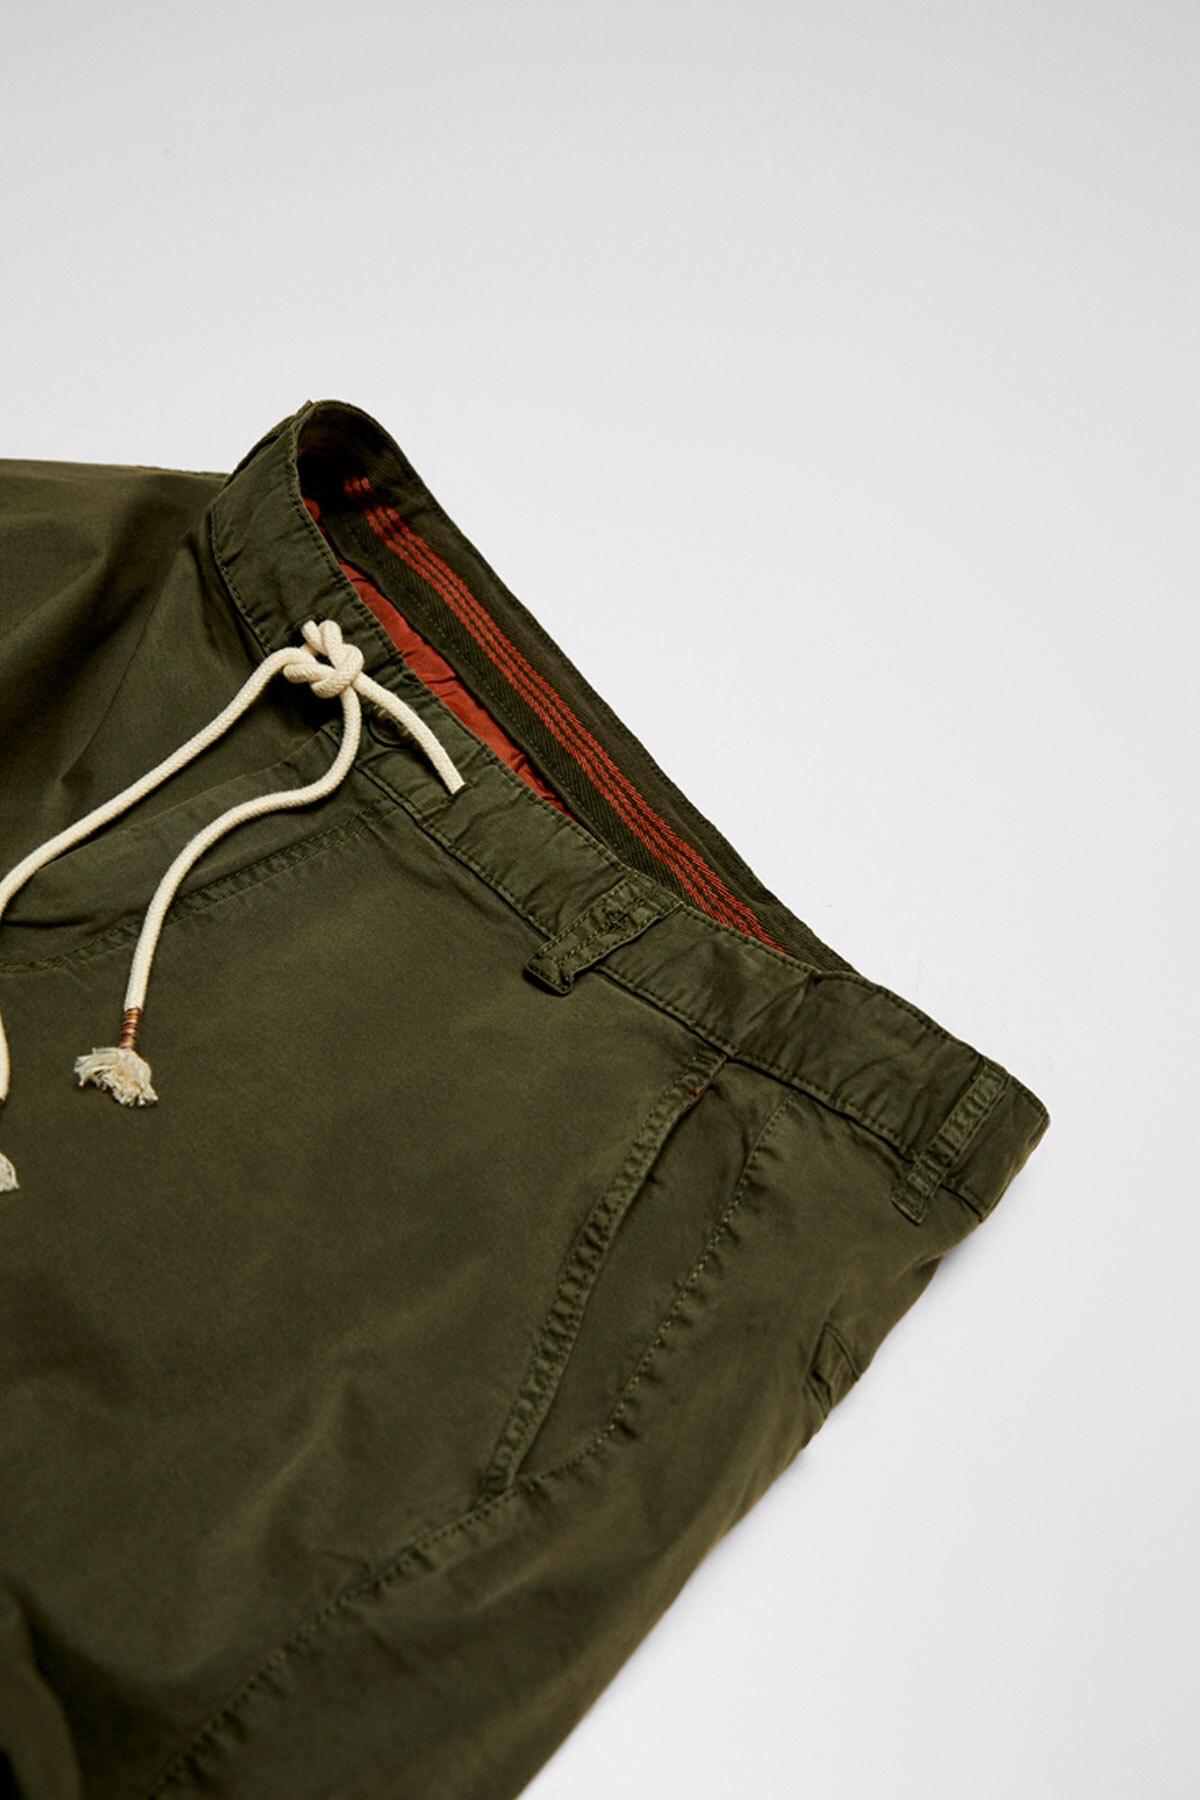 Pull & Bear Erkek Haki Kumaş boyalı basic bermuda 05690504 3